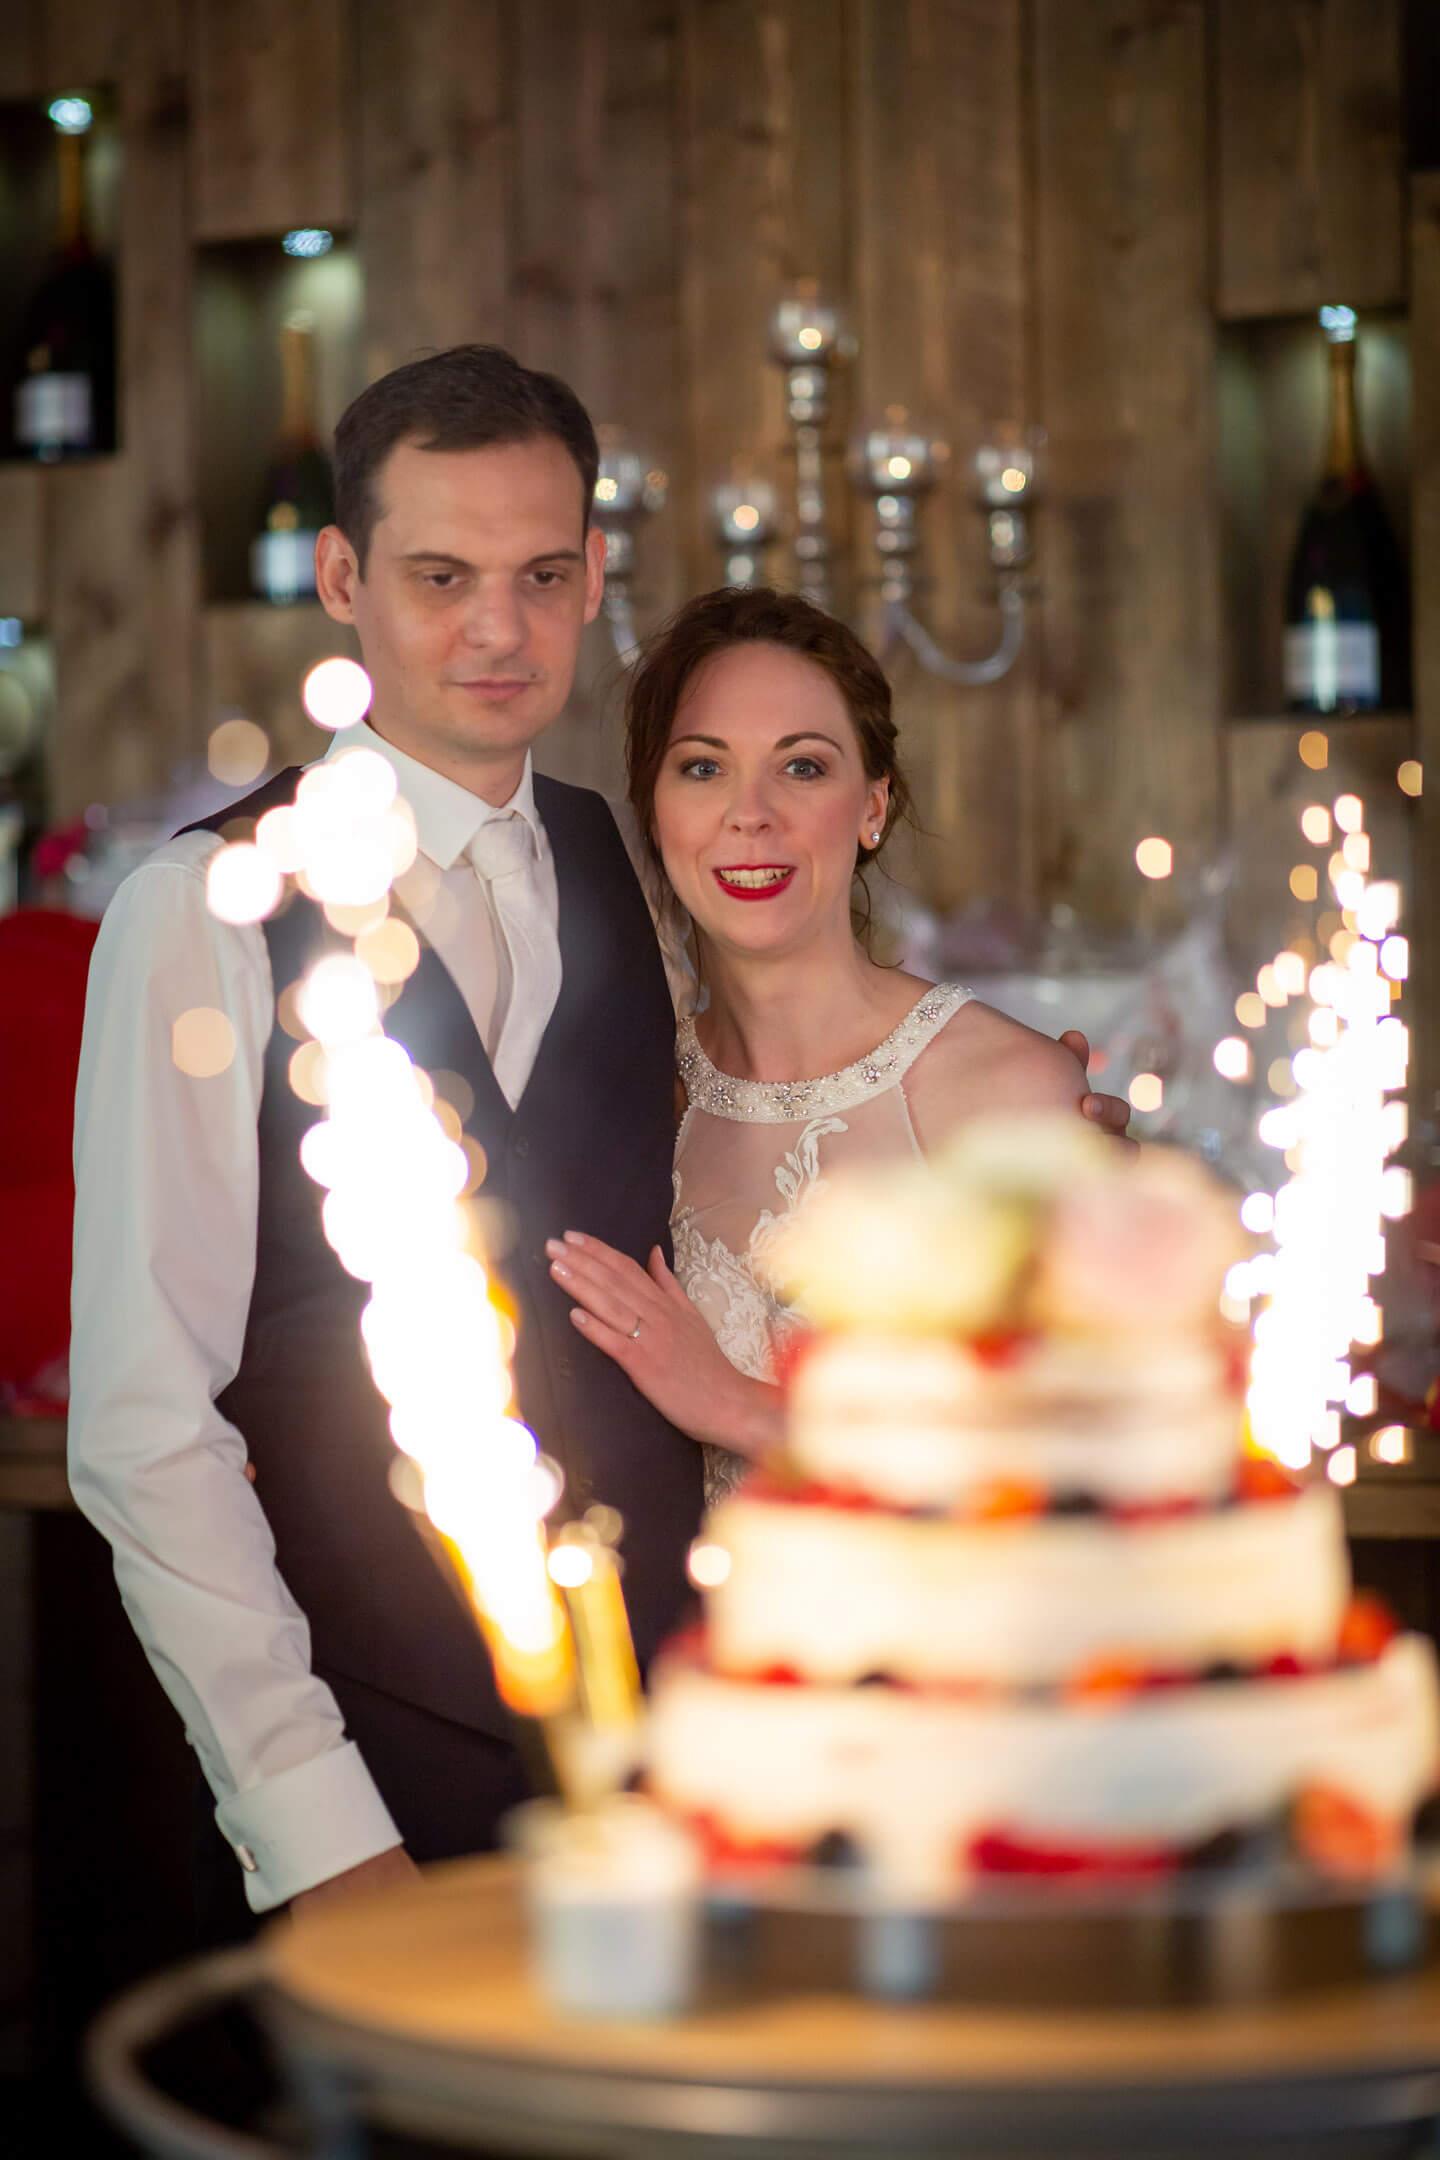 Brautpaar blickt auf die Hochzeitstorte mit Feuerwerk.